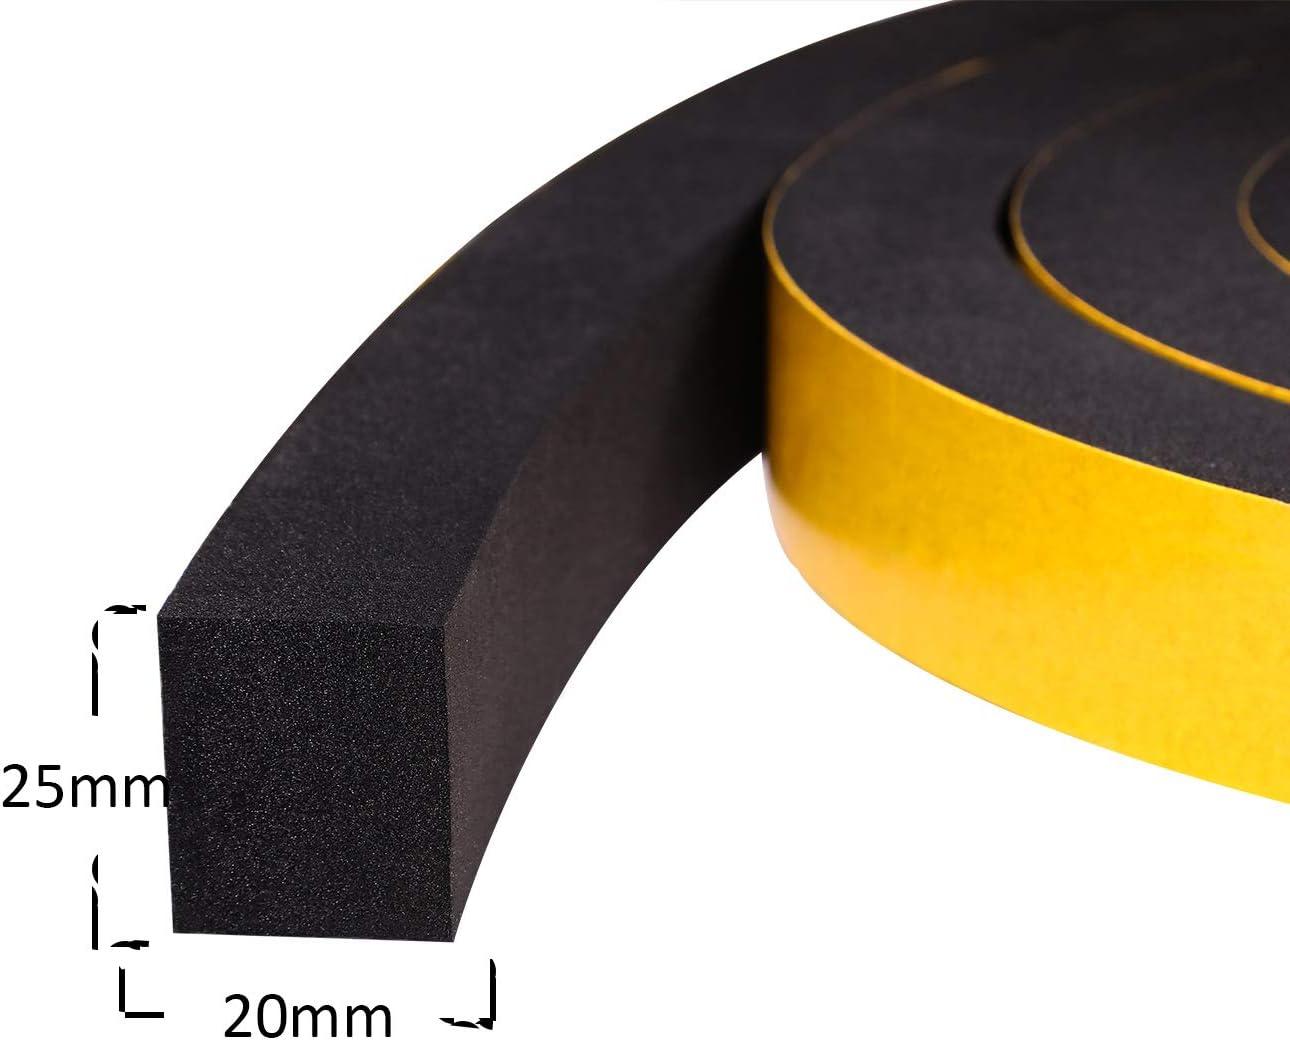 Cinta de espuma gruesa autoadhesiva de 25mm(W) x20mm(T) Cinta de sellado de espuma para jamba de puerta corredera Marco de puerta delantera Ventanas Tira de espuma aislante, 2 piezas total 4M: Amazon.es: